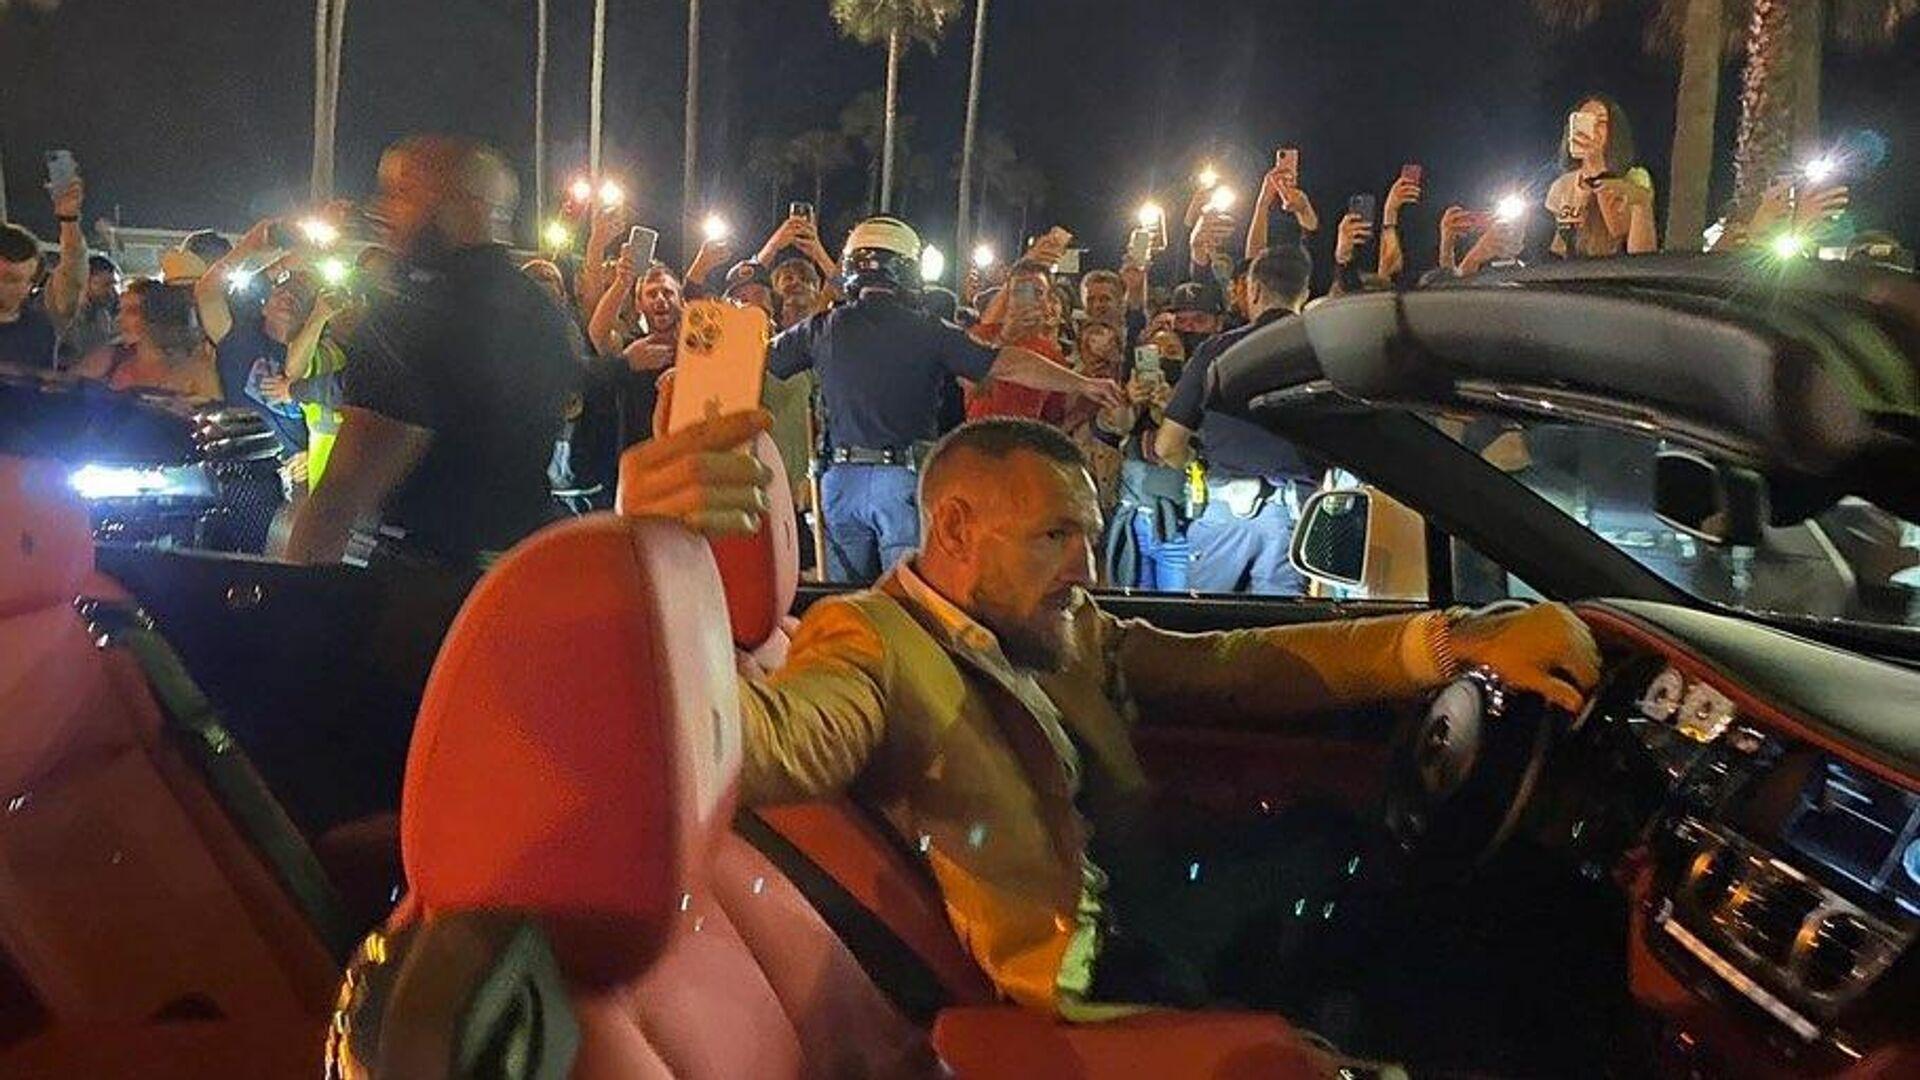 Conor McGregor, luchador irlandés de artes marciales mixtas, en su coche - Sputnik Mundo, 1920, 04.07.2021